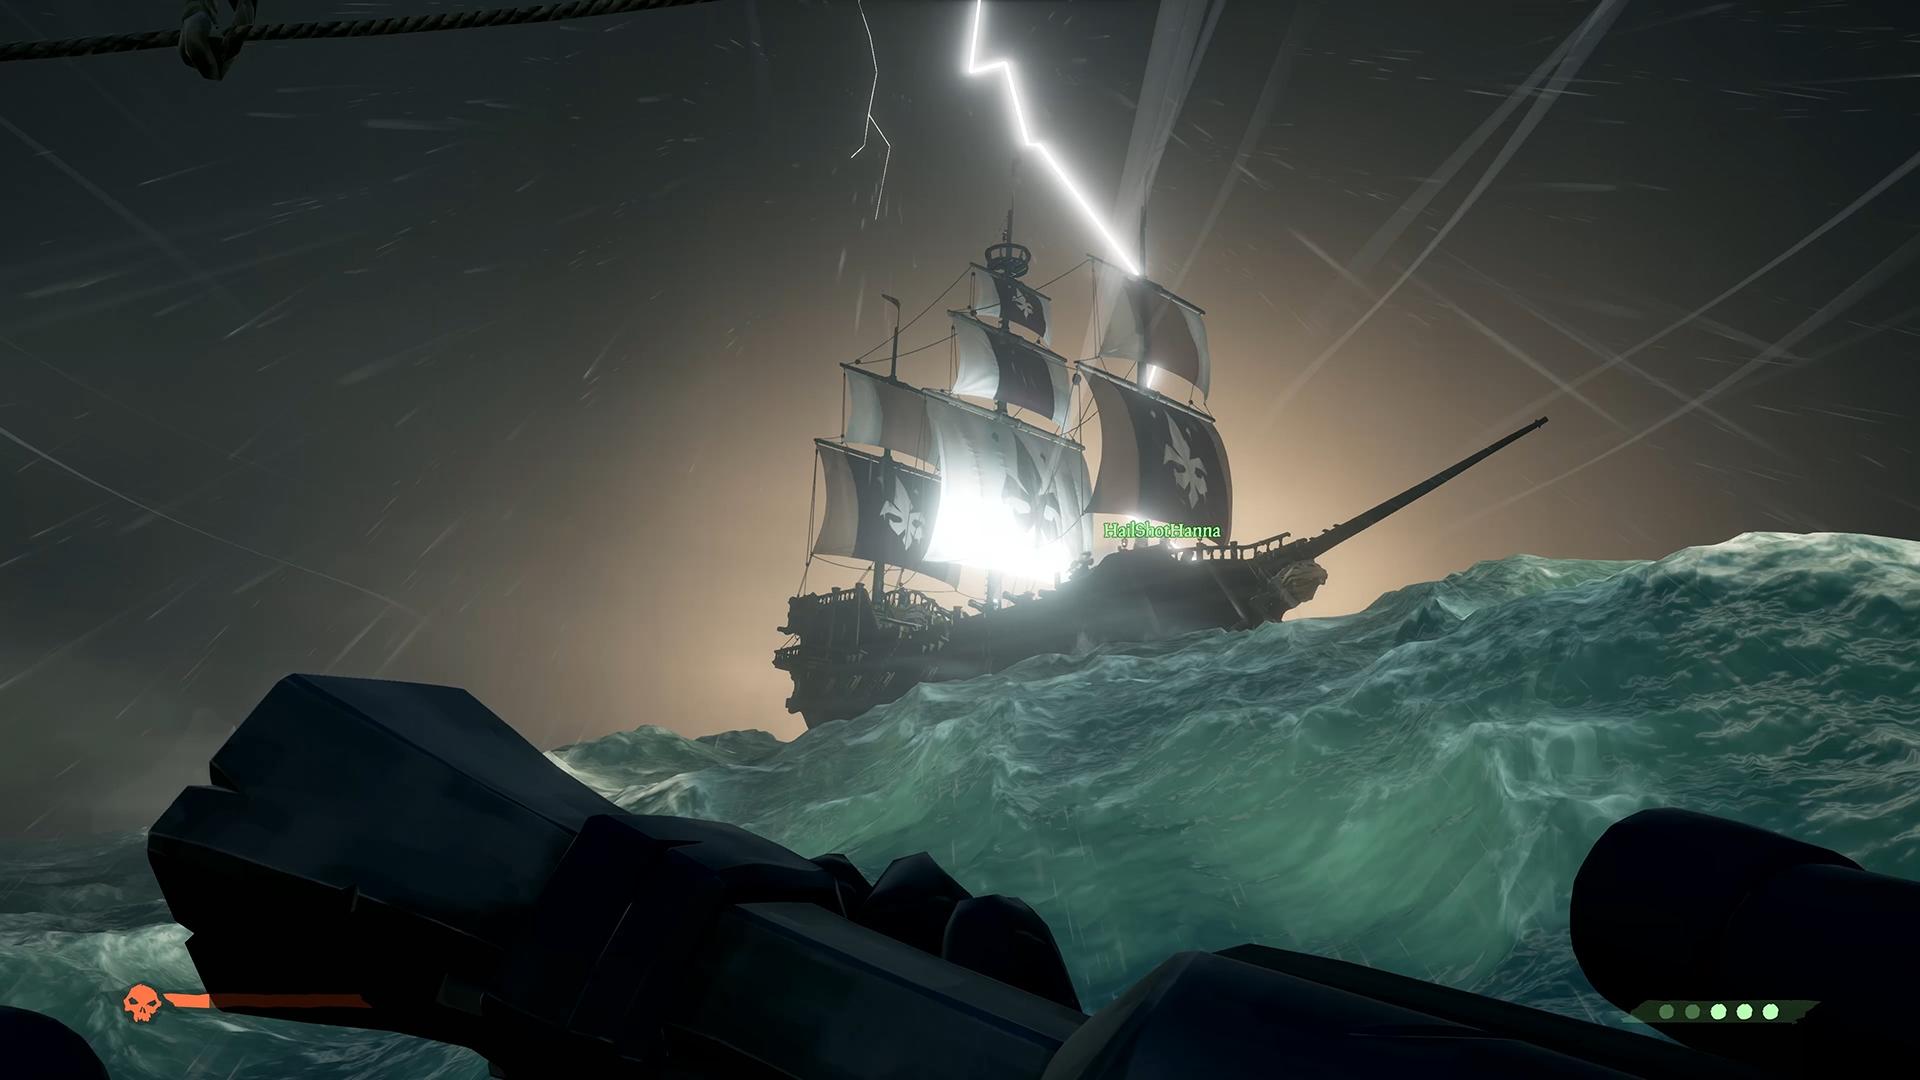 Sea of Thieves Screenshot 003